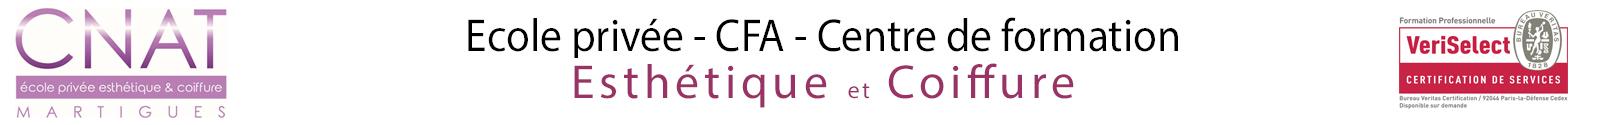 Ecole CNAT Logo